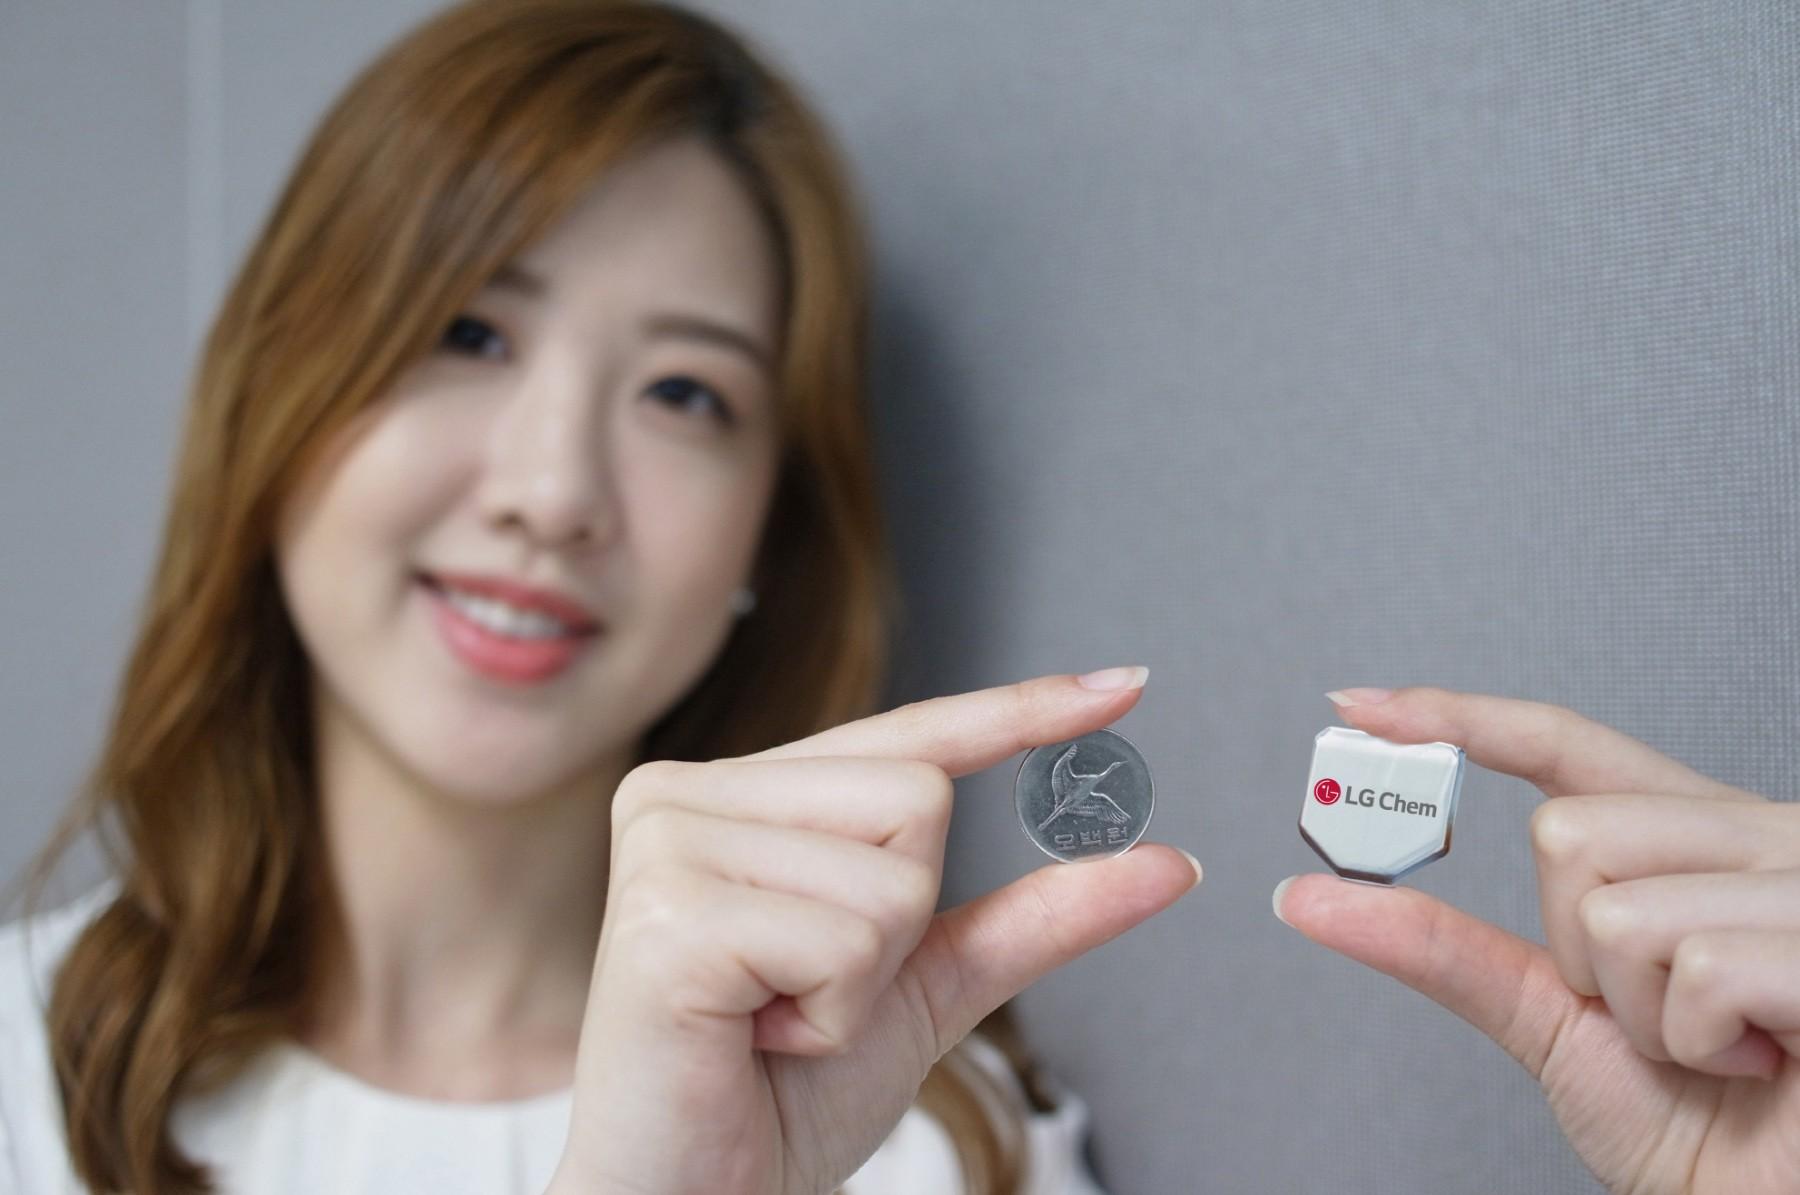 LG G watch - LG hứa hẹn pin đồng hồ thông minh dài hơn với công nghệ mới